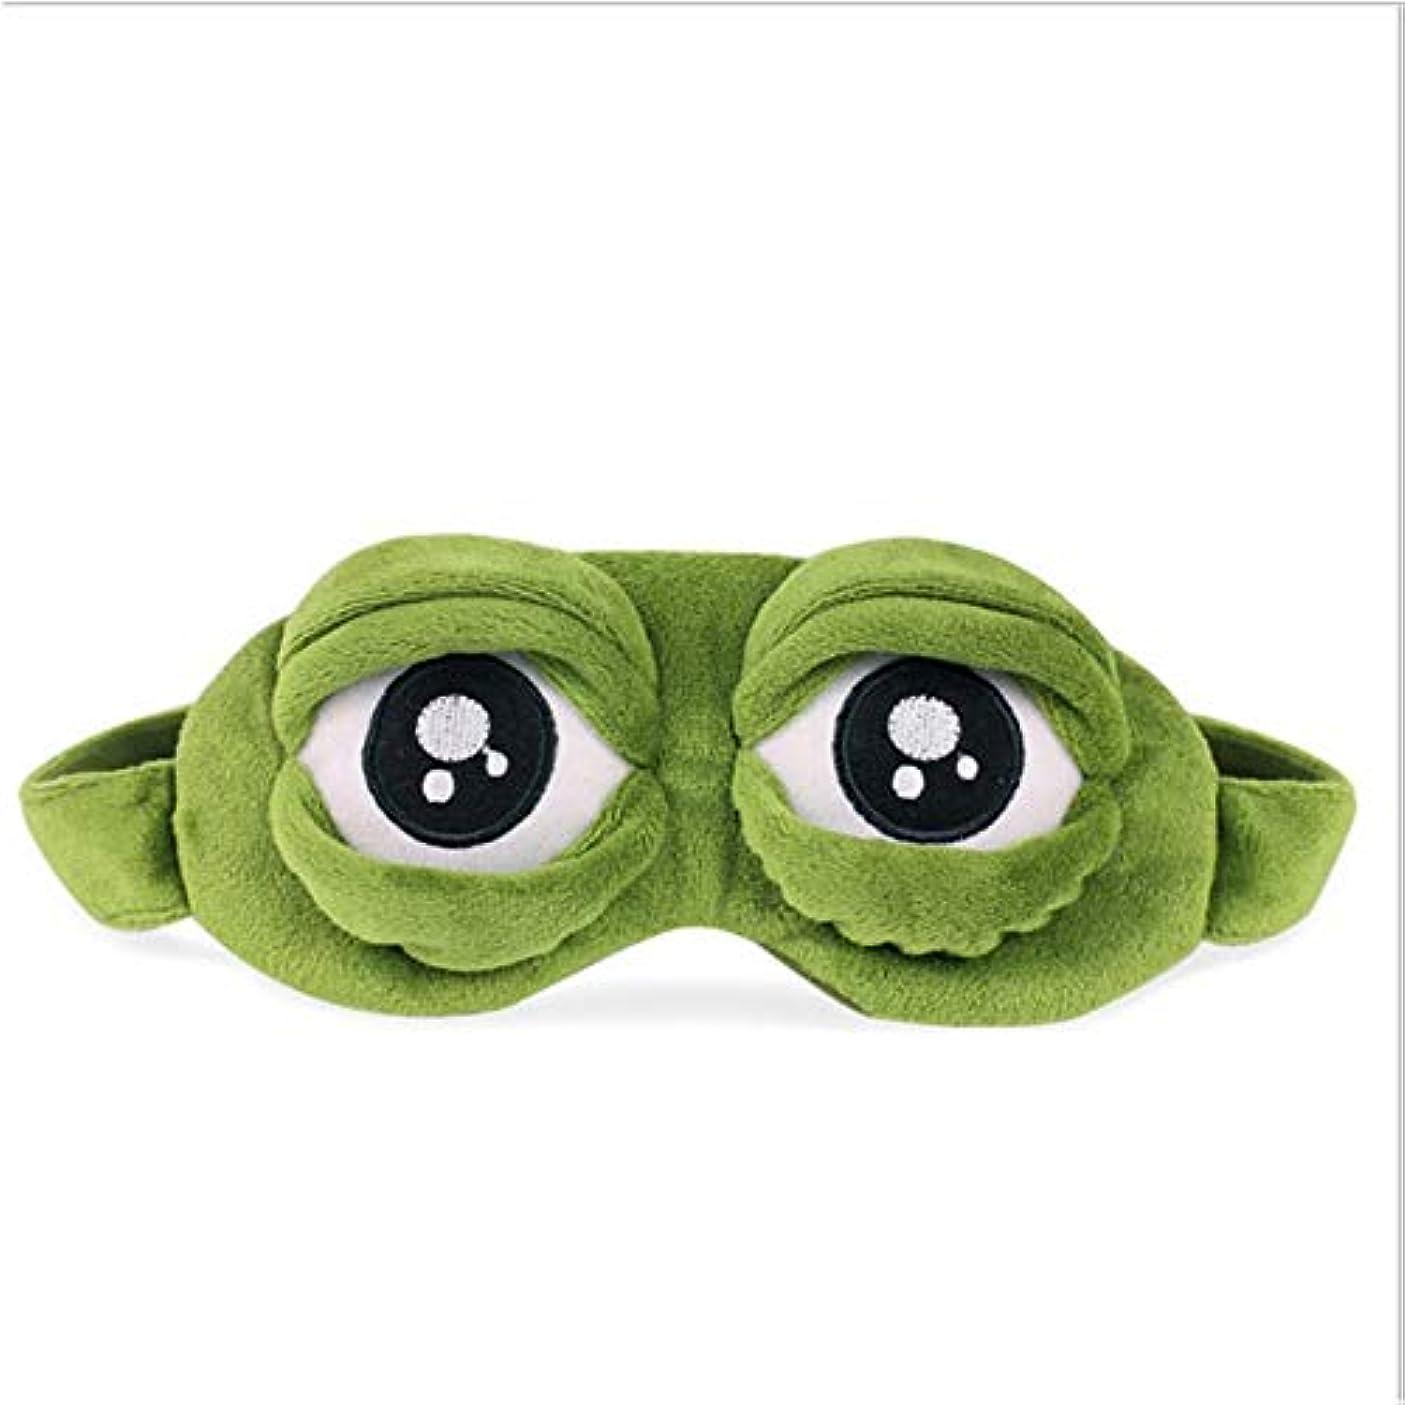 あご鉛筆量Ququack 面白いクリエイティブペペカエル悲しいカエル3Dアイマスクカバー睡眠休憩漫画ぬいぐるみ睡眠マスクかわいいアニメギフト